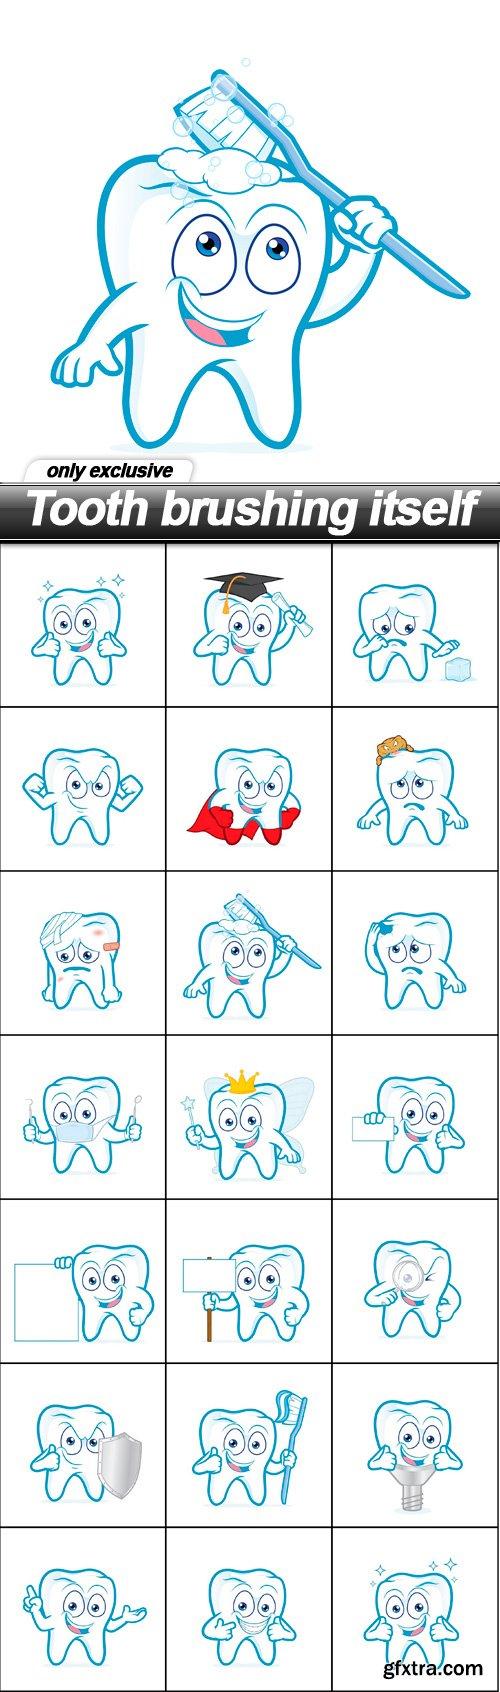 Tooth brushing itself - 20 EPS